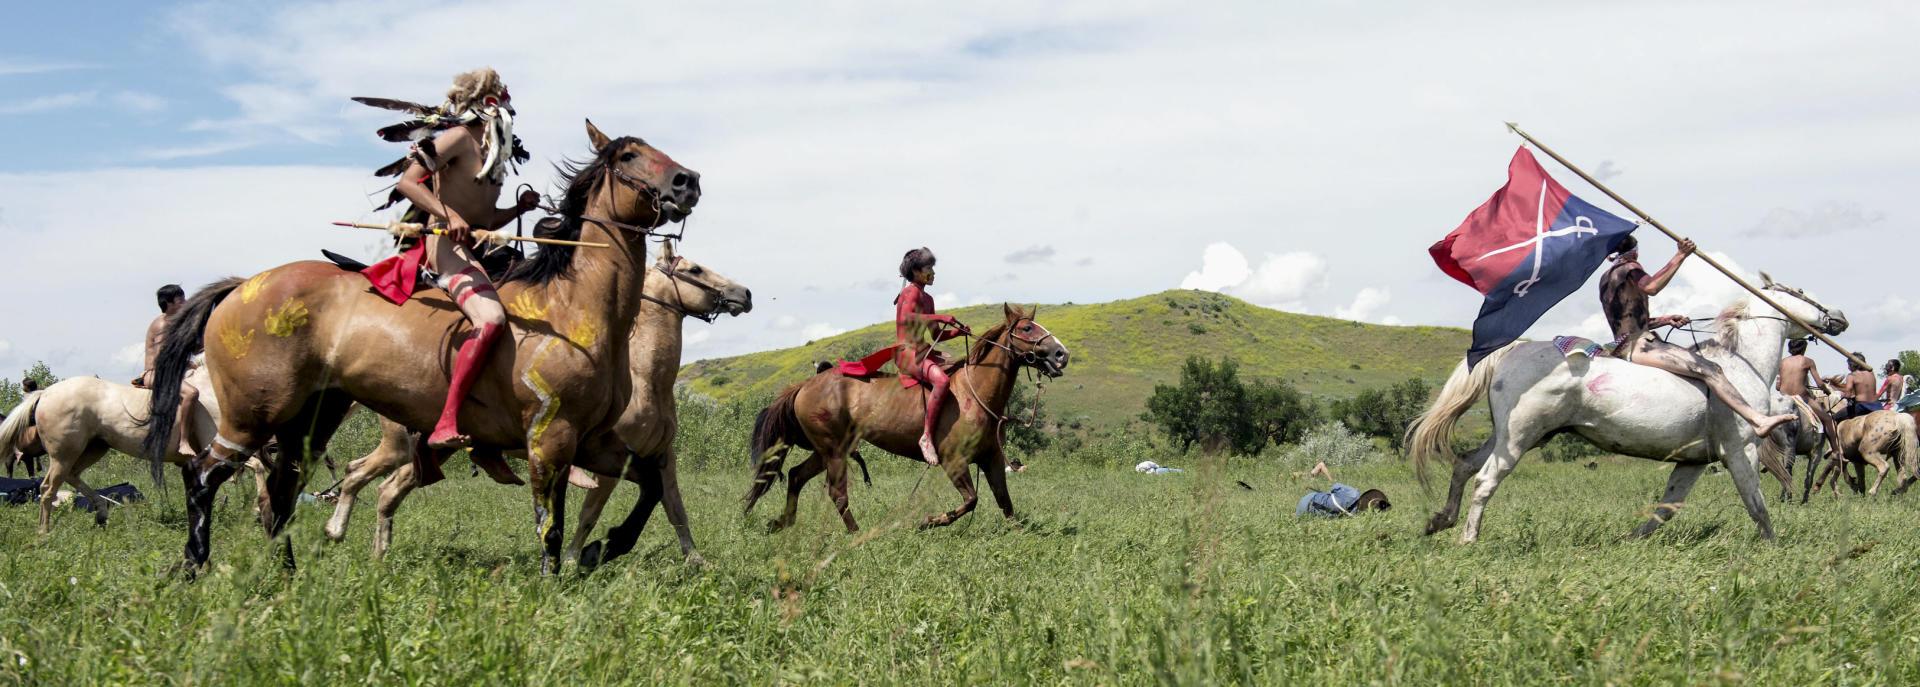 Les Sioux célèbrent la victoire sur la 7e cavalerie du général Custer en1876, en reconstituant la bataillede Little Bighorn, le 23 juin 2018.